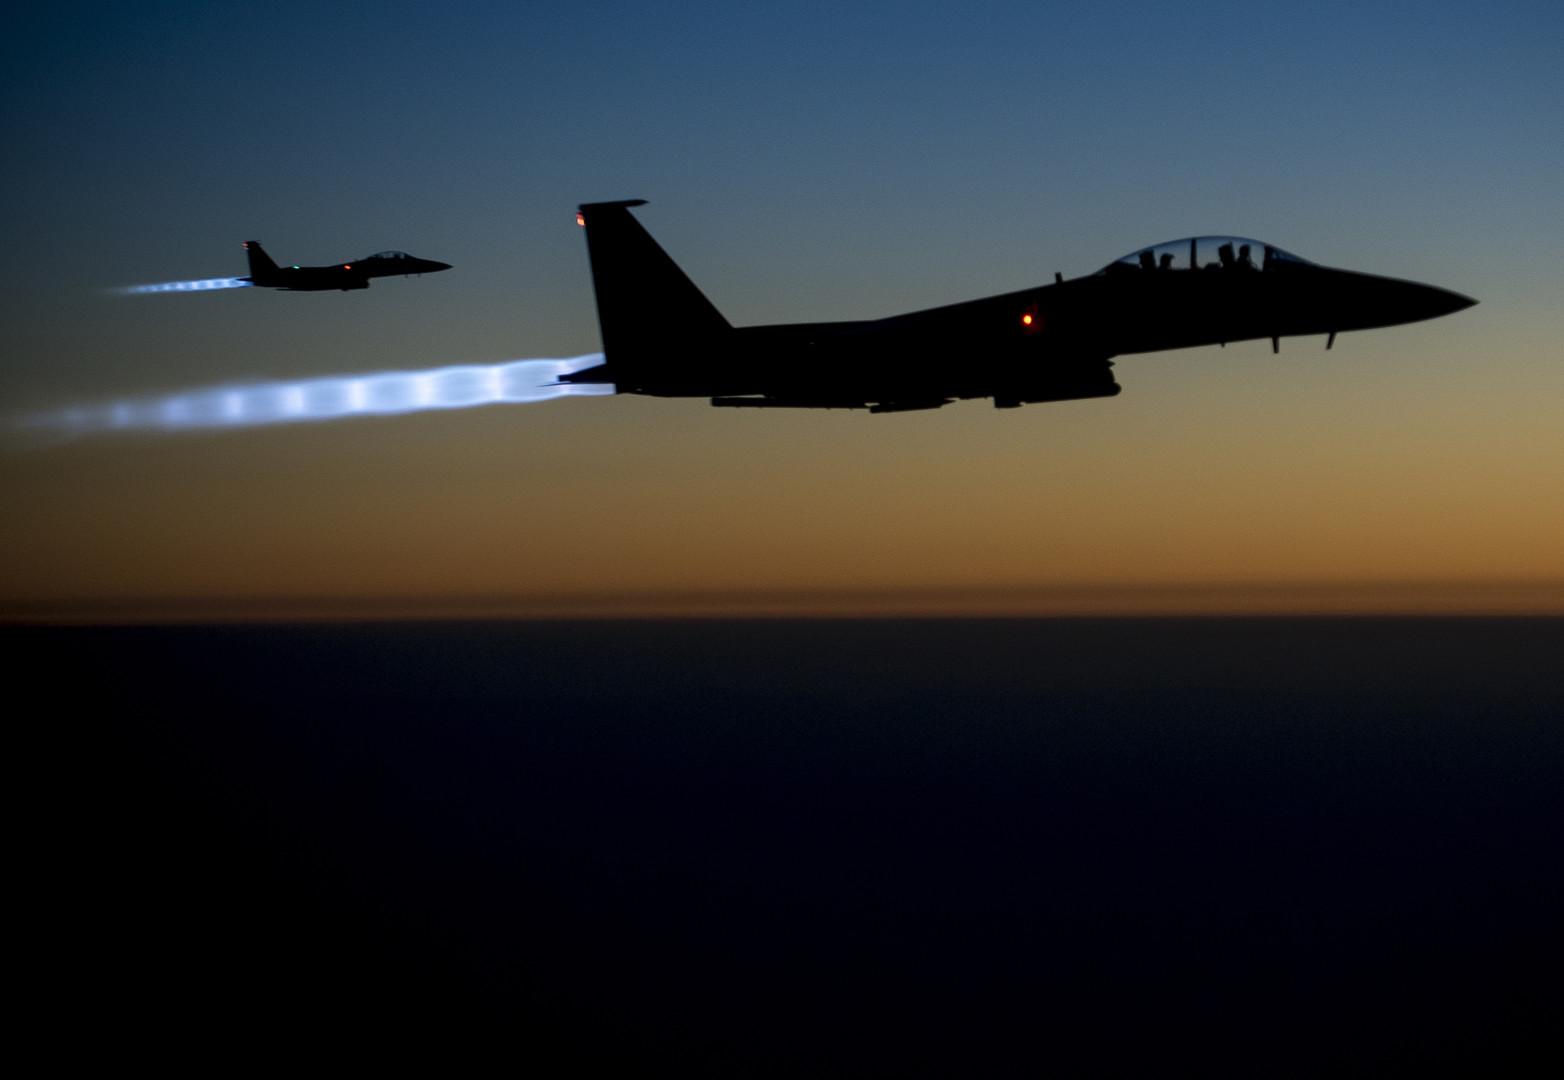 الدفاع الروسية: نتائج عمليتنا بسوريا وقف لإطلاق النار ومفاوضات سياسية والتحالف استهدف البنى التحتية